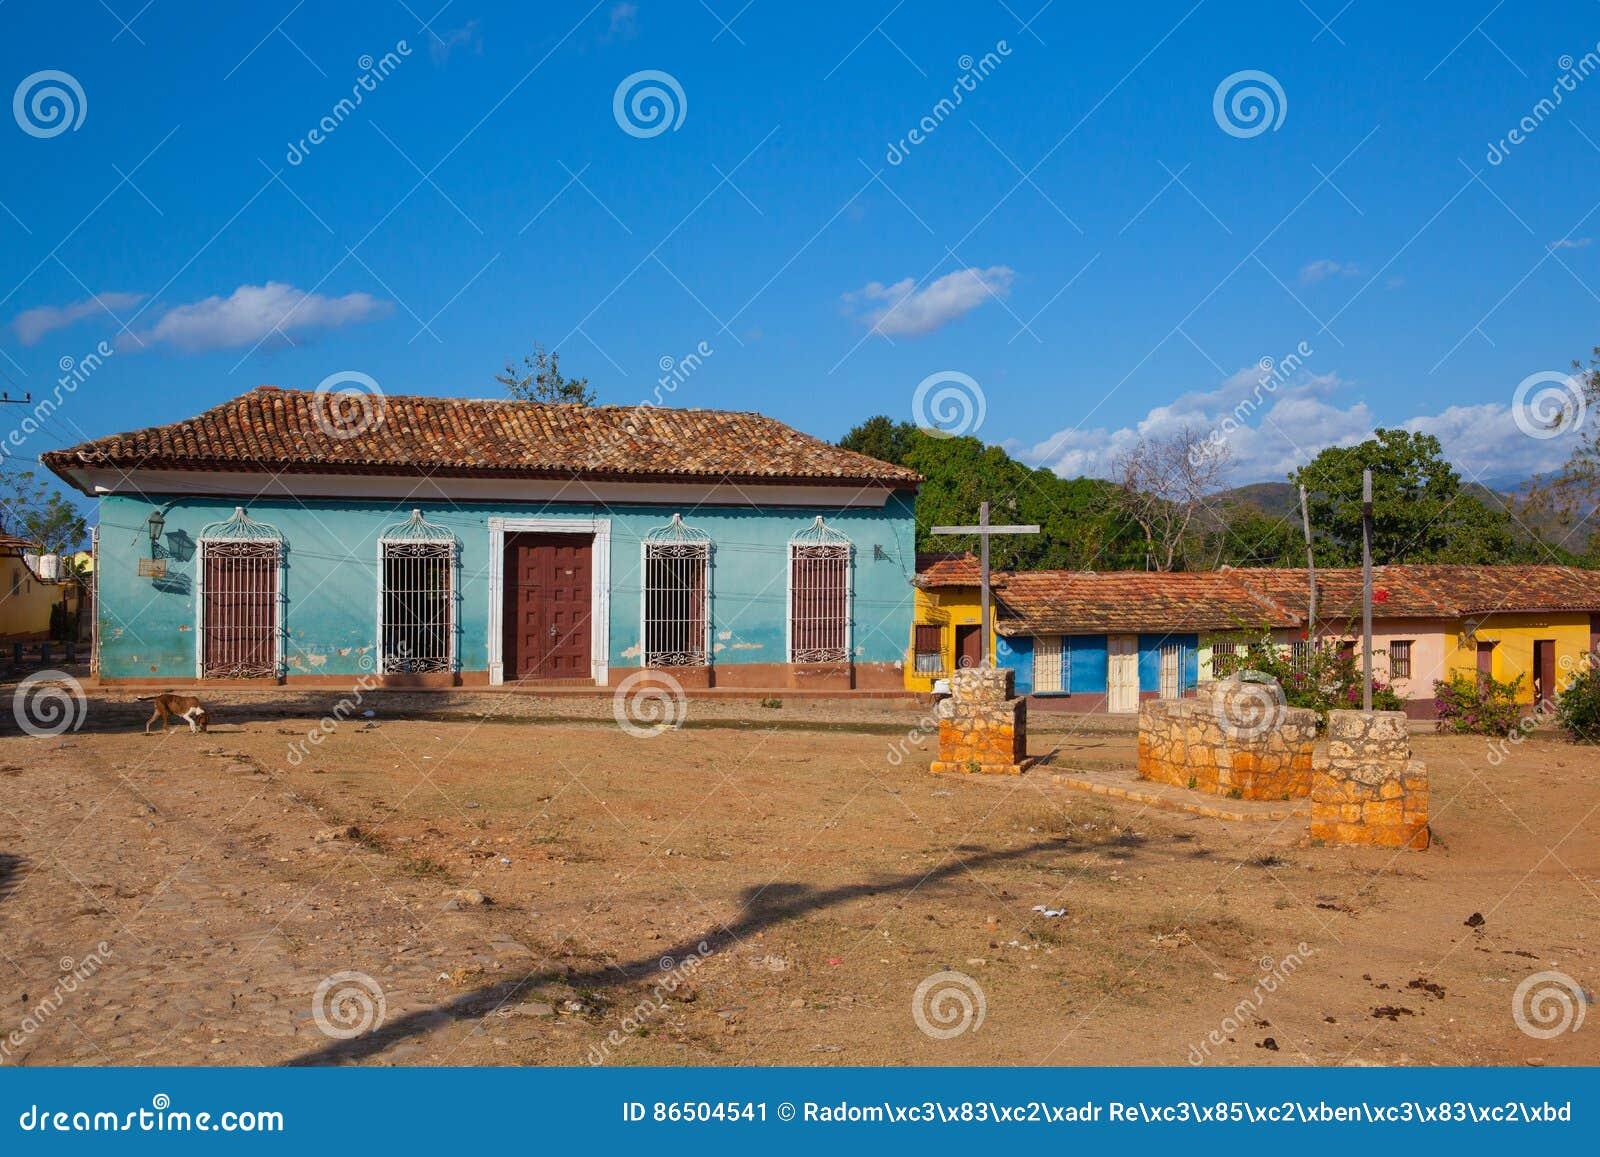 Типичный старый колониальный квадрат в Тринидаде, Кубе